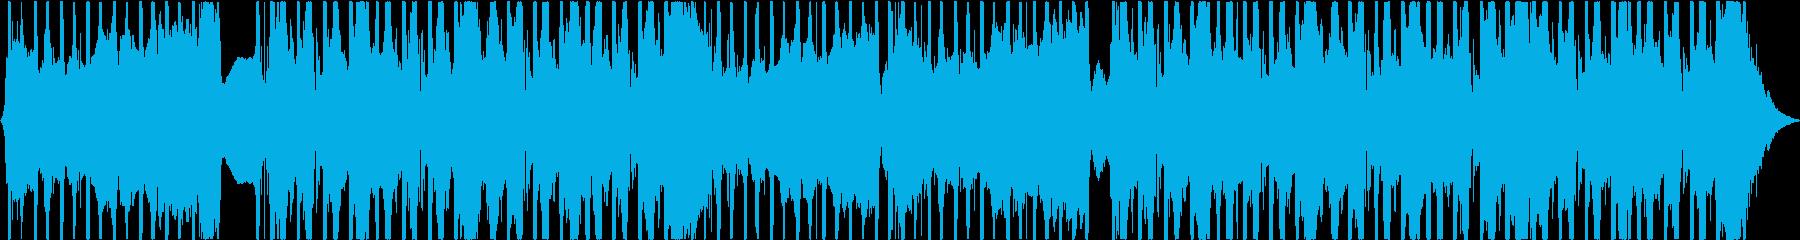 スタイリッシュなメロディックロックの再生済みの波形